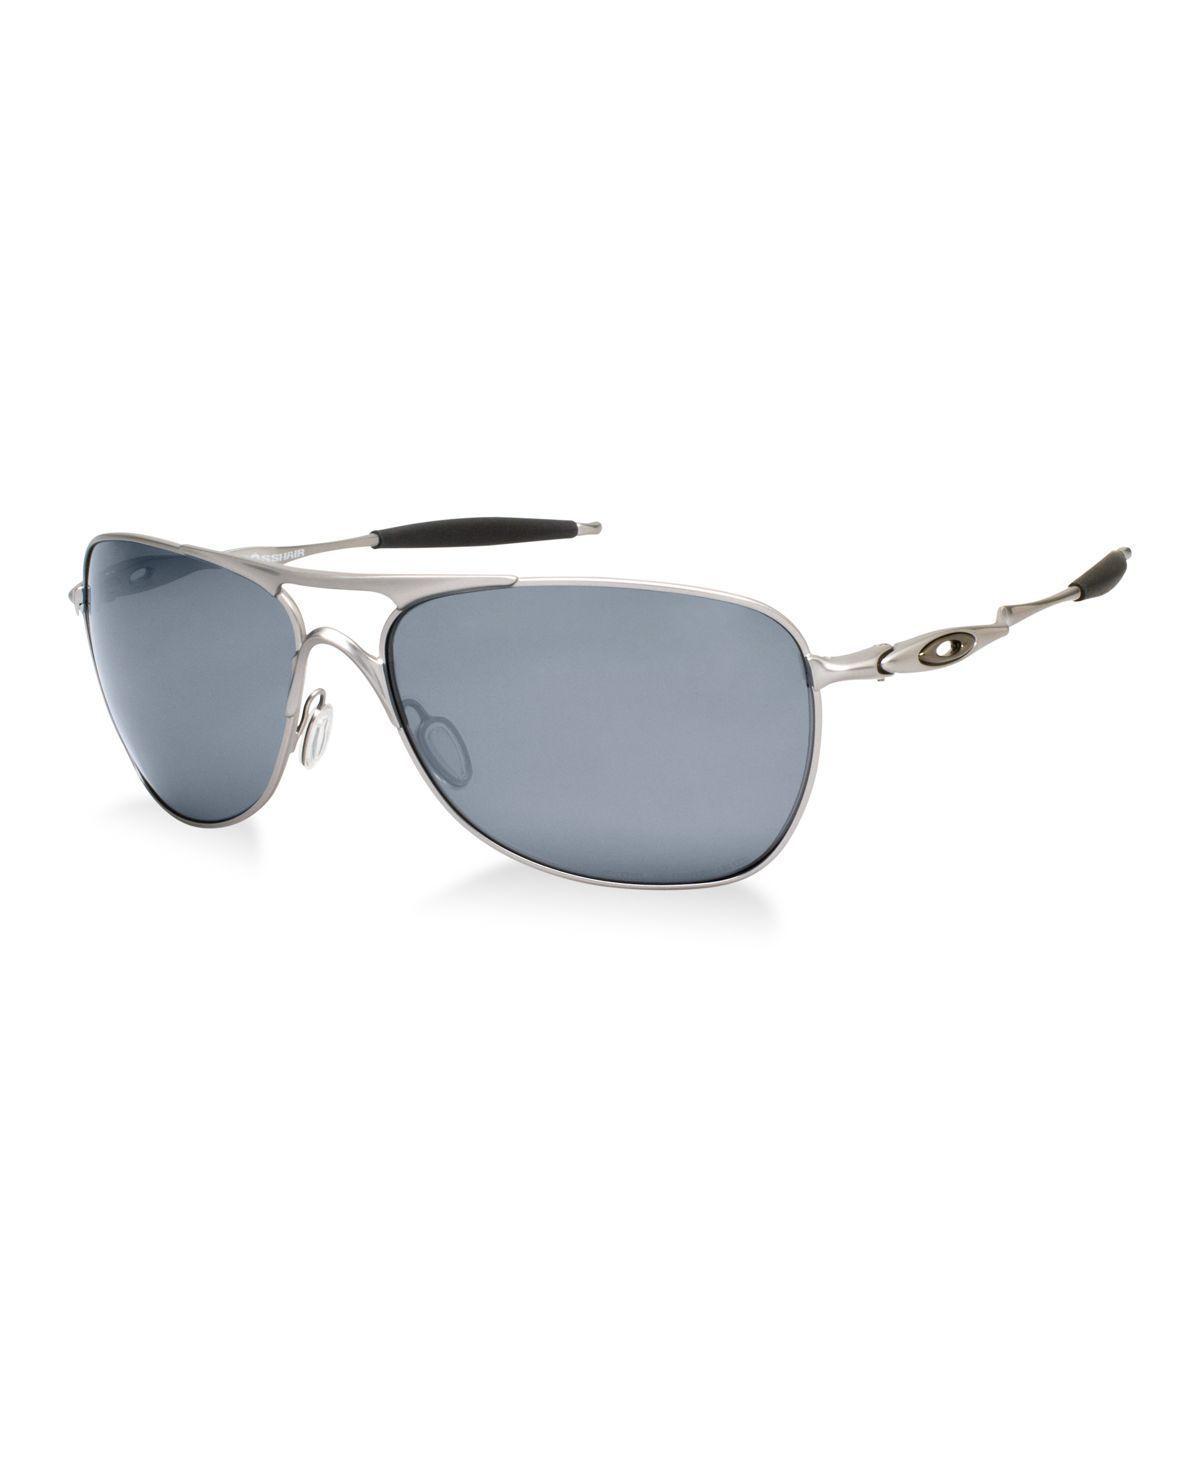 89ef0d1a439 Oakley Sunglasses